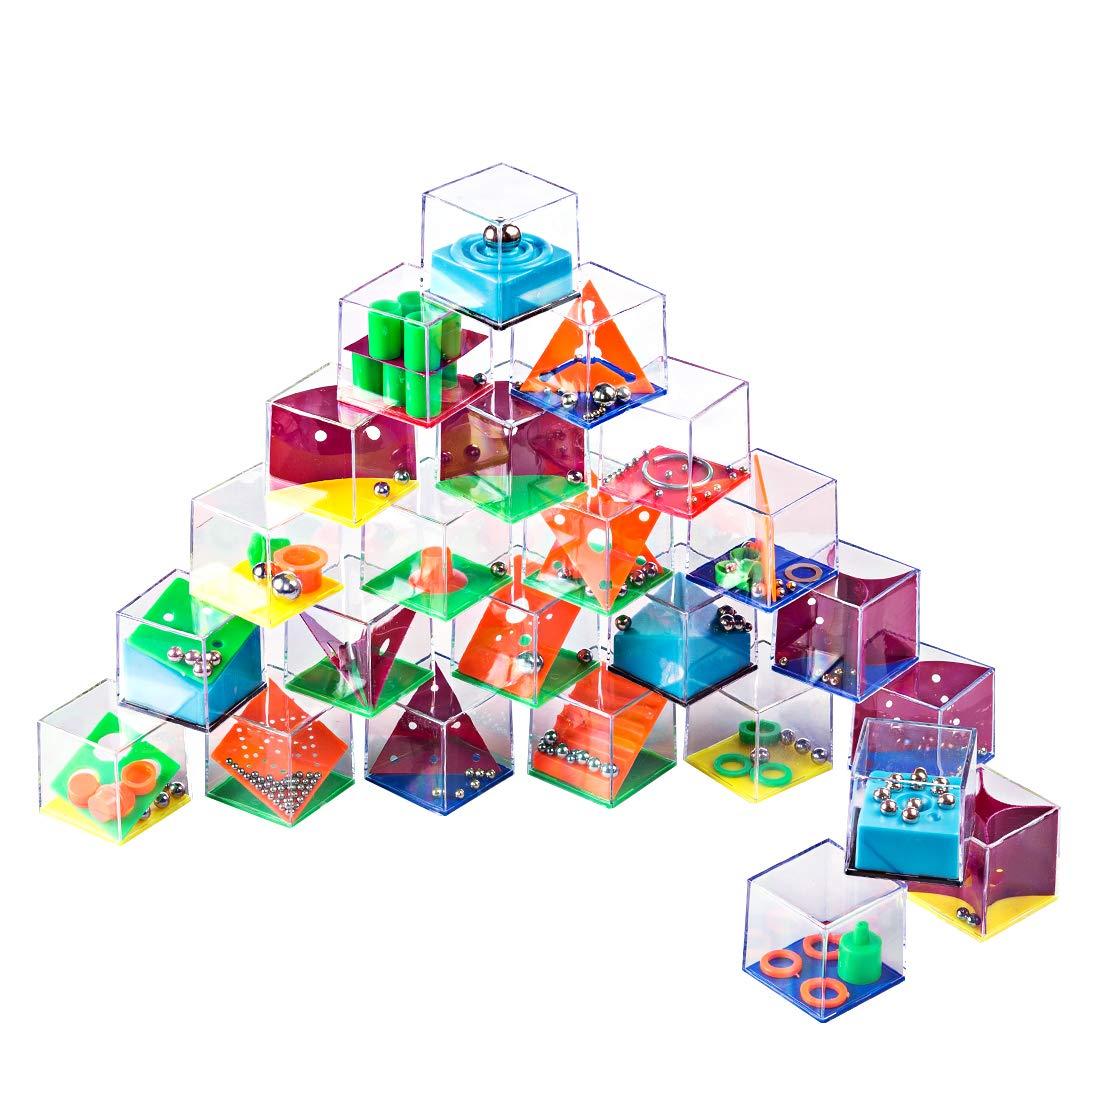 LoKauf 24Pcs Calendario de Adviento Laberinto Juegos de Habilidad Puzzle 3D Rompecabezas Juegos de Ingenio para Niños Adultos: Amazon.es: Juguetes y juegos